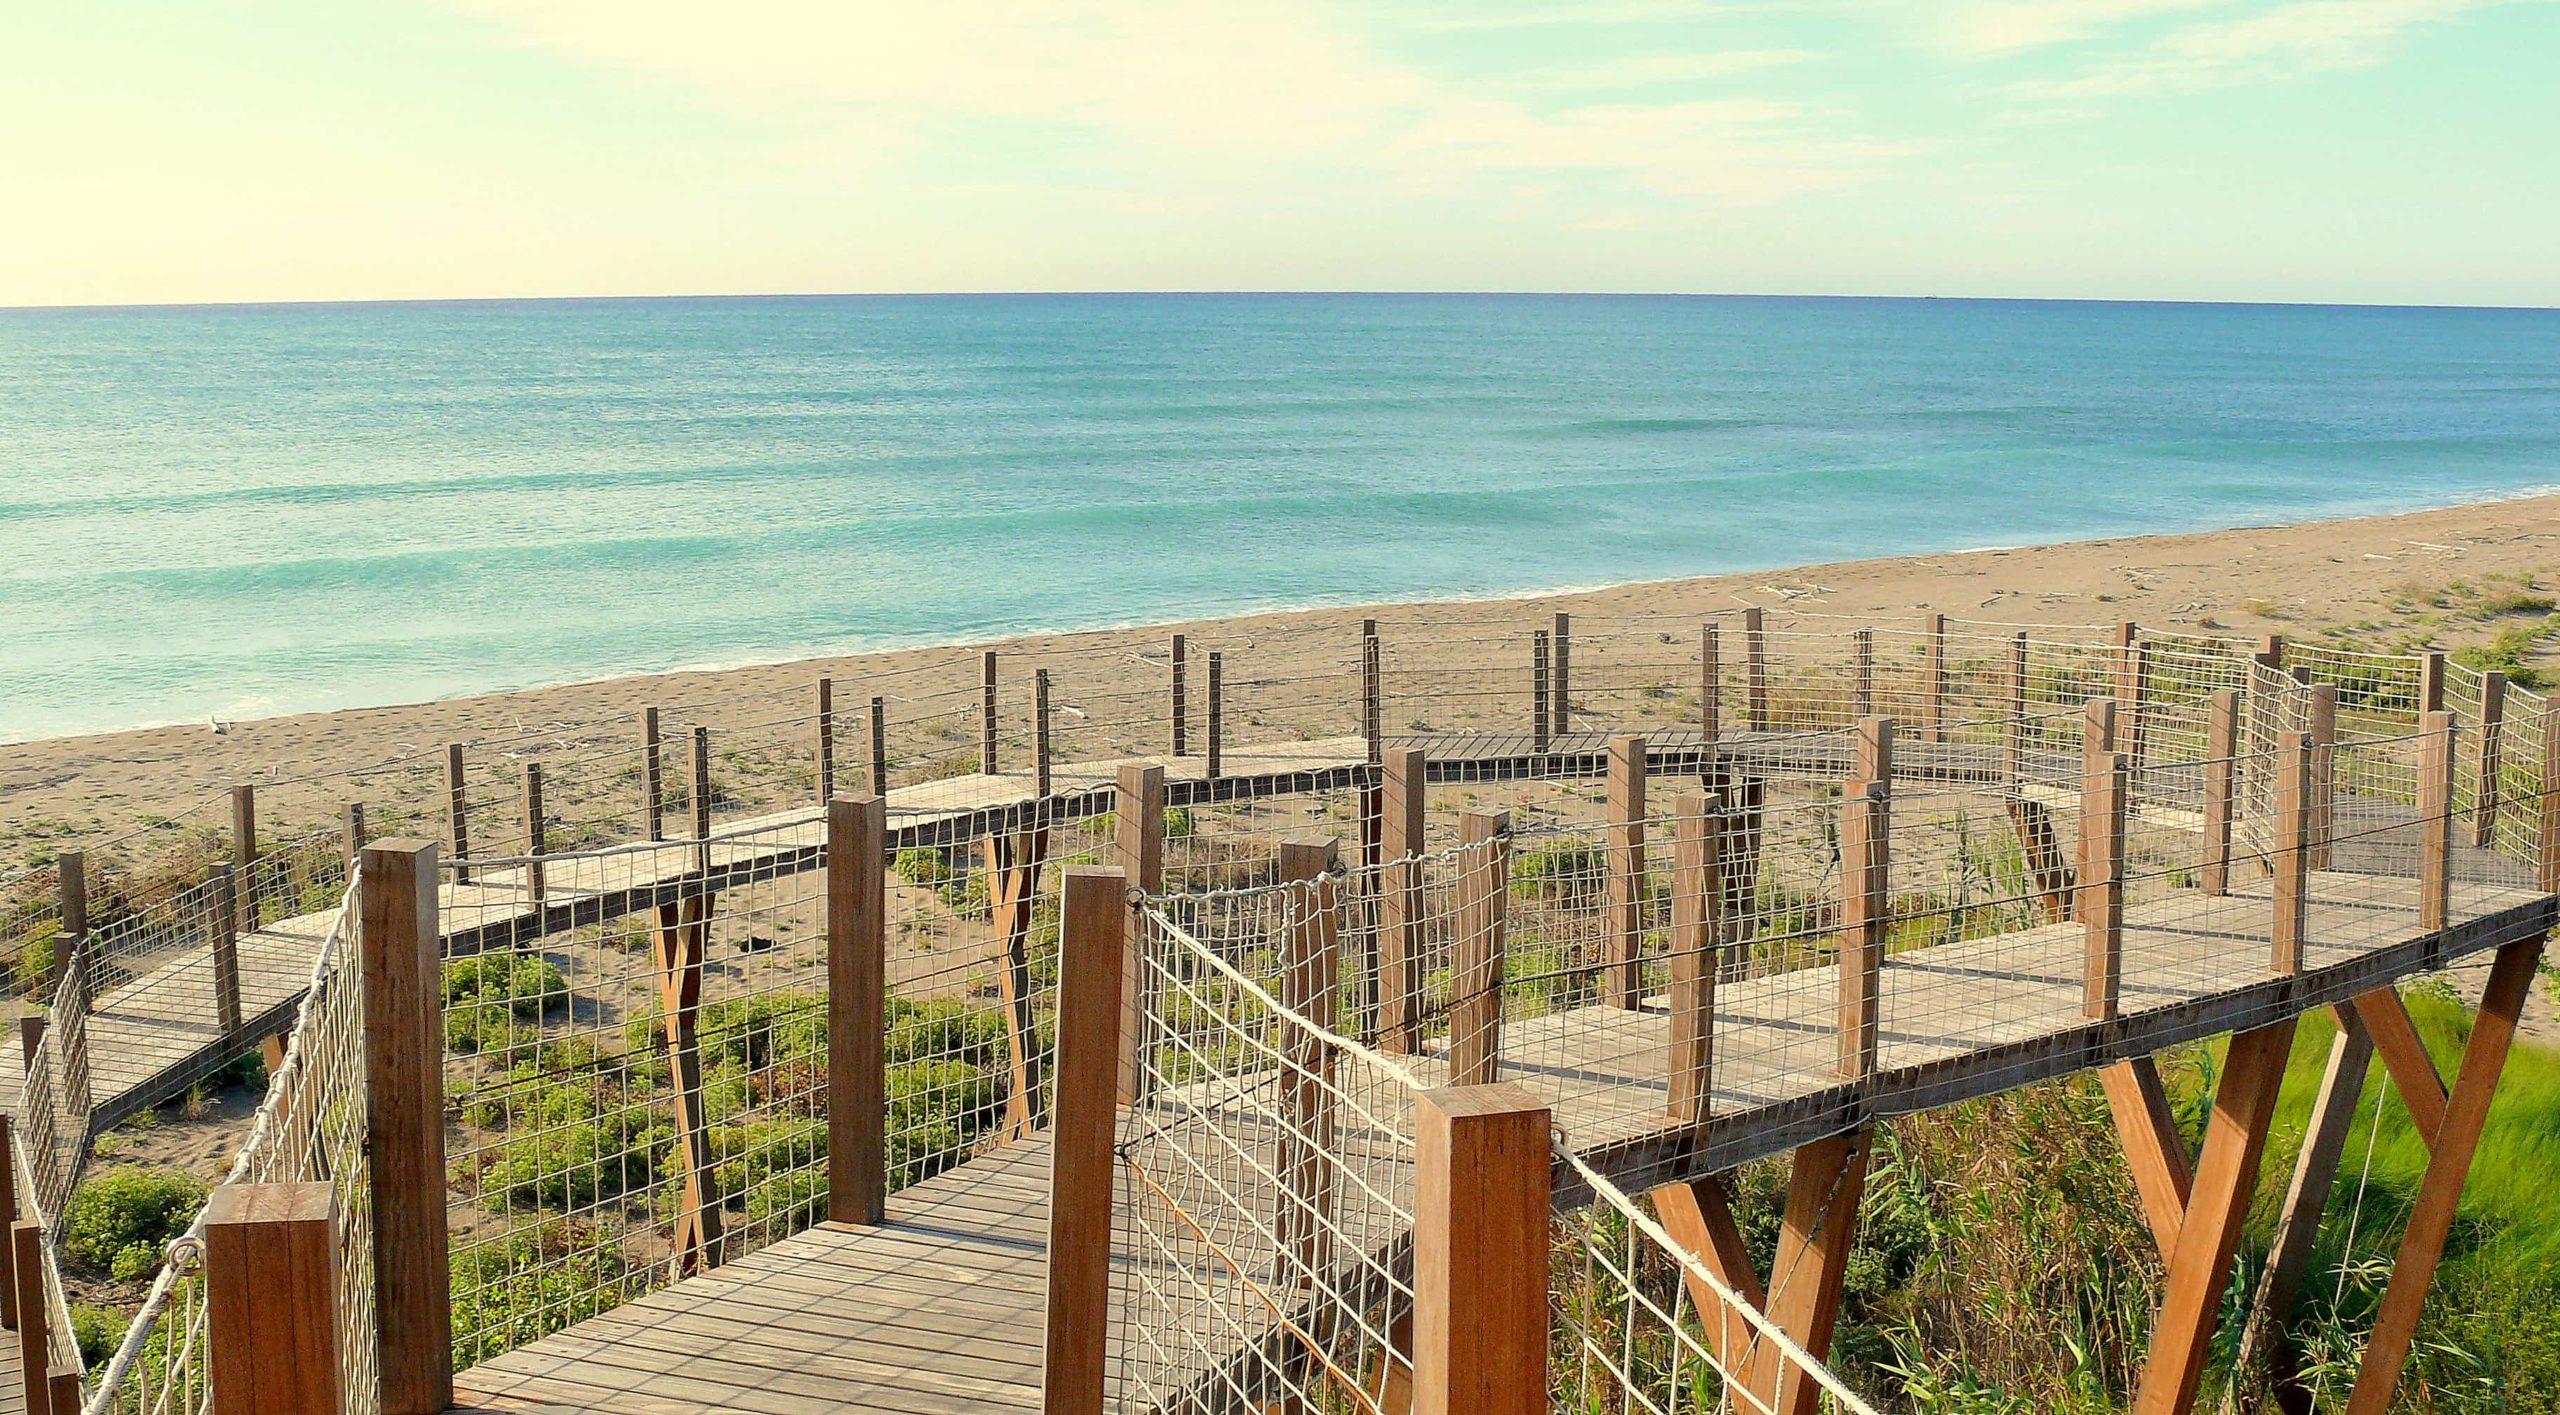 Les platges del delta del Llobregat